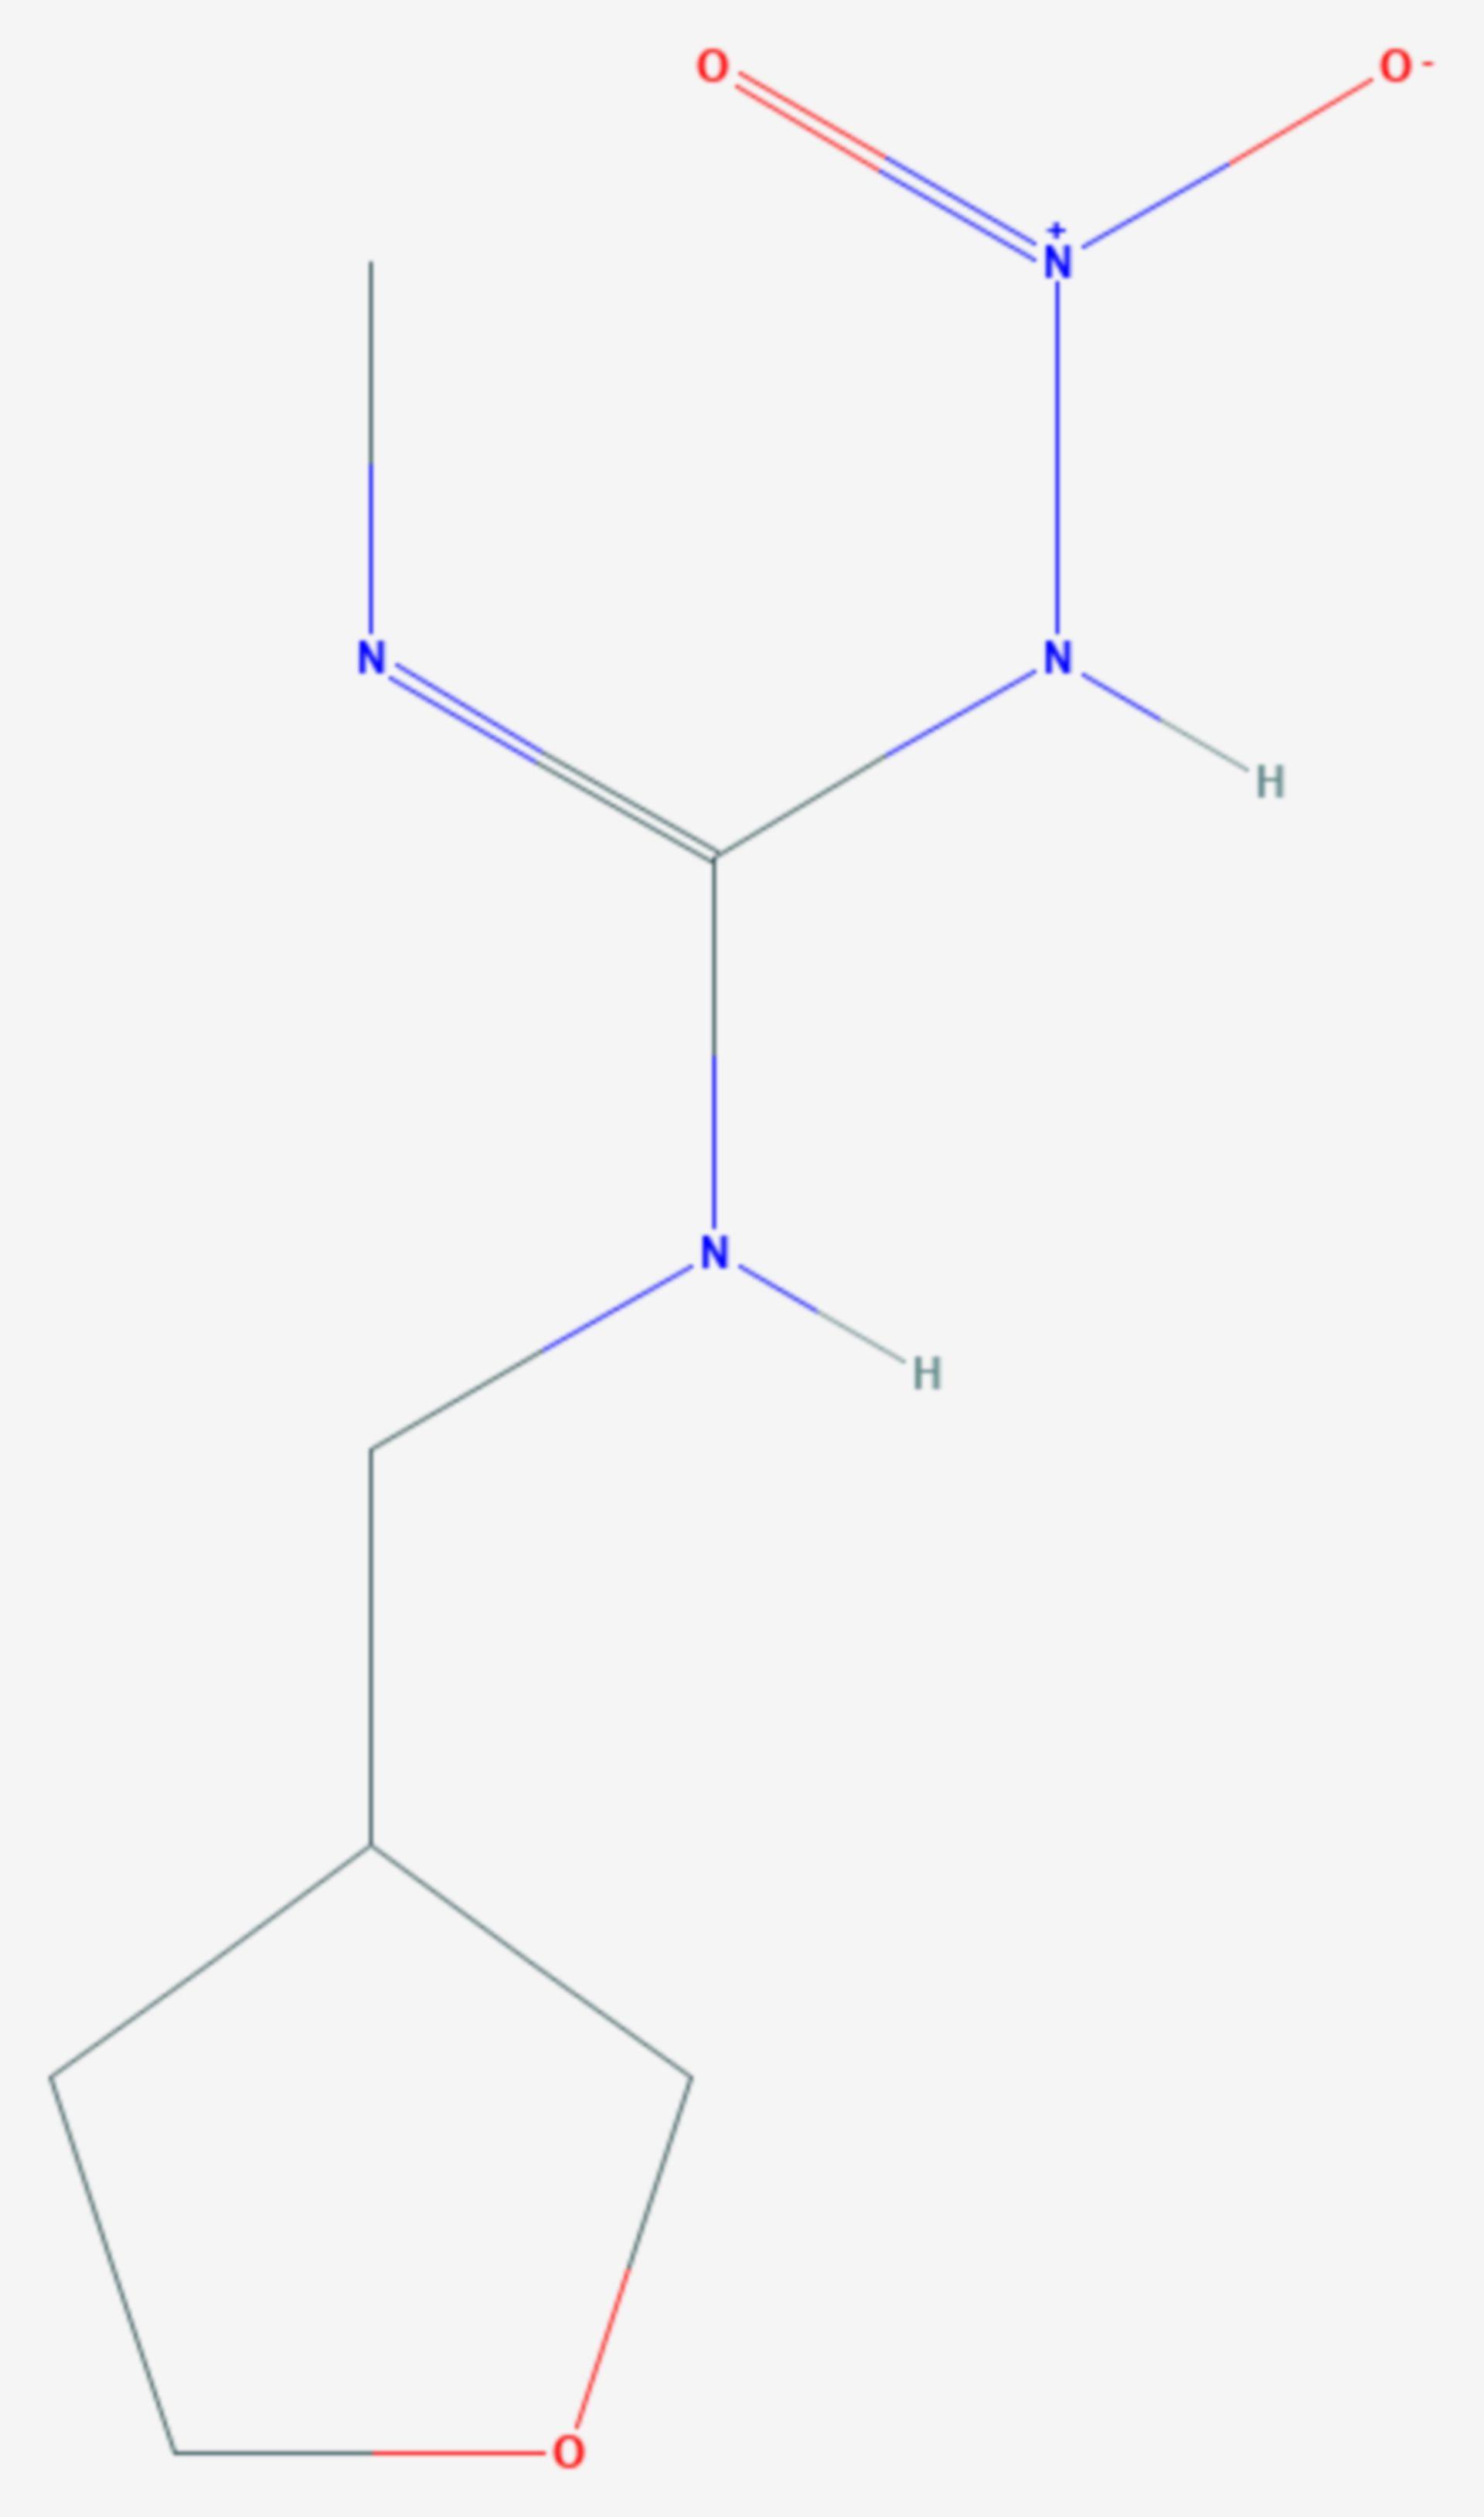 Dinotefuran (Strukturformel)